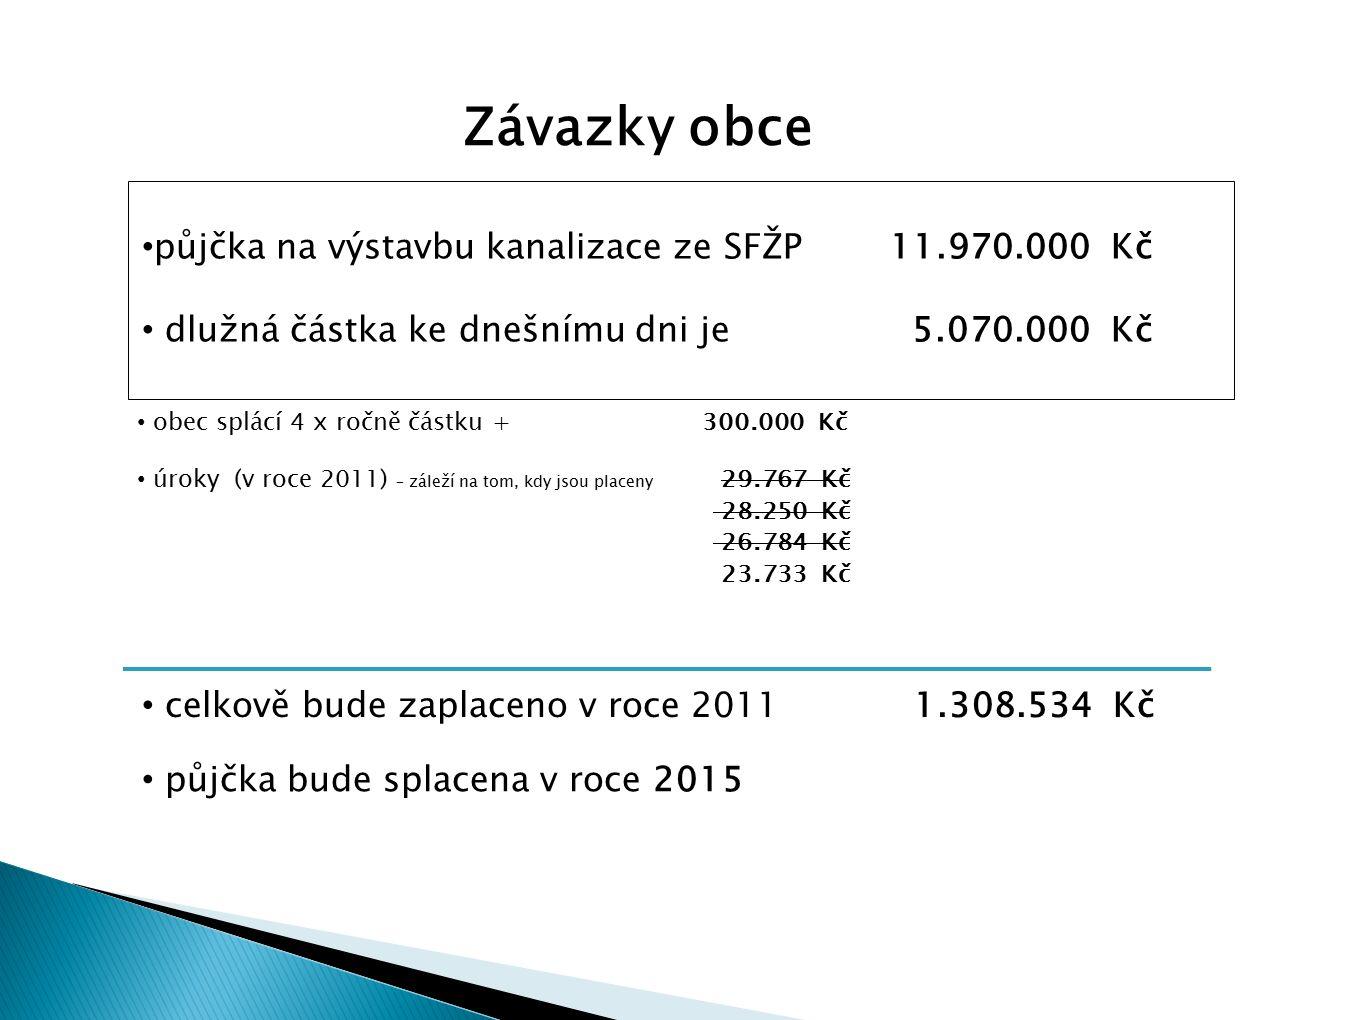 Závazky obce půjčka na výstavbu kanalizace ze SFŽP 11.970.000 Kč dlužná částka ke dnešnímu dni je 5.070.000 Kč obec splácí 4 x ročně částku + 300.000 Kč úroky (v roce 2011) – záleží na tom, kdy jsou placeny 29.767 Kč 28.250 Kč 26.784 Kč 23.733 Kč půjčka bude splacena v roce 2015 celkově bude zaplaceno v roce 2011 1.308.534 Kč